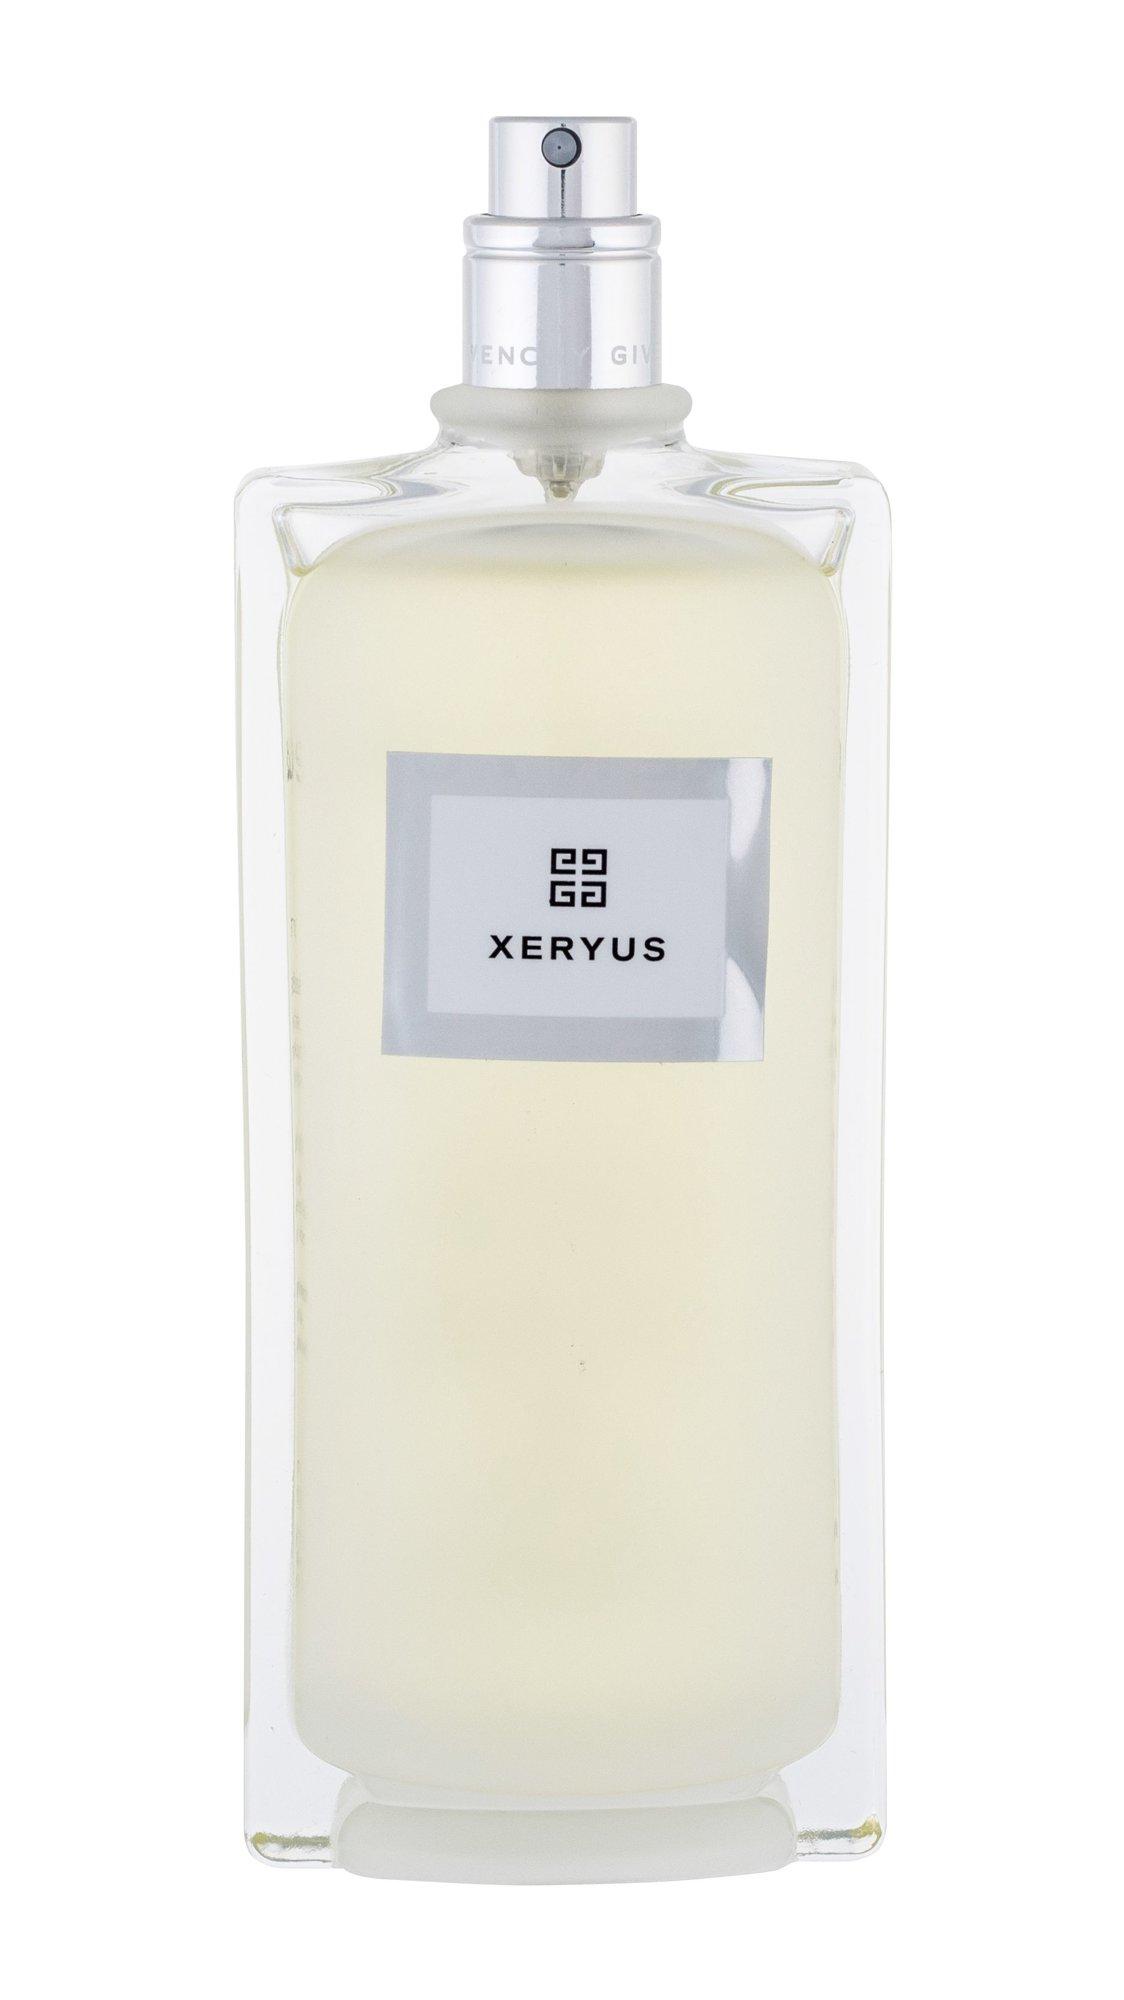 Givenchy Les Parfums Mythiques Eau de Toilette 100ml  Xeryus